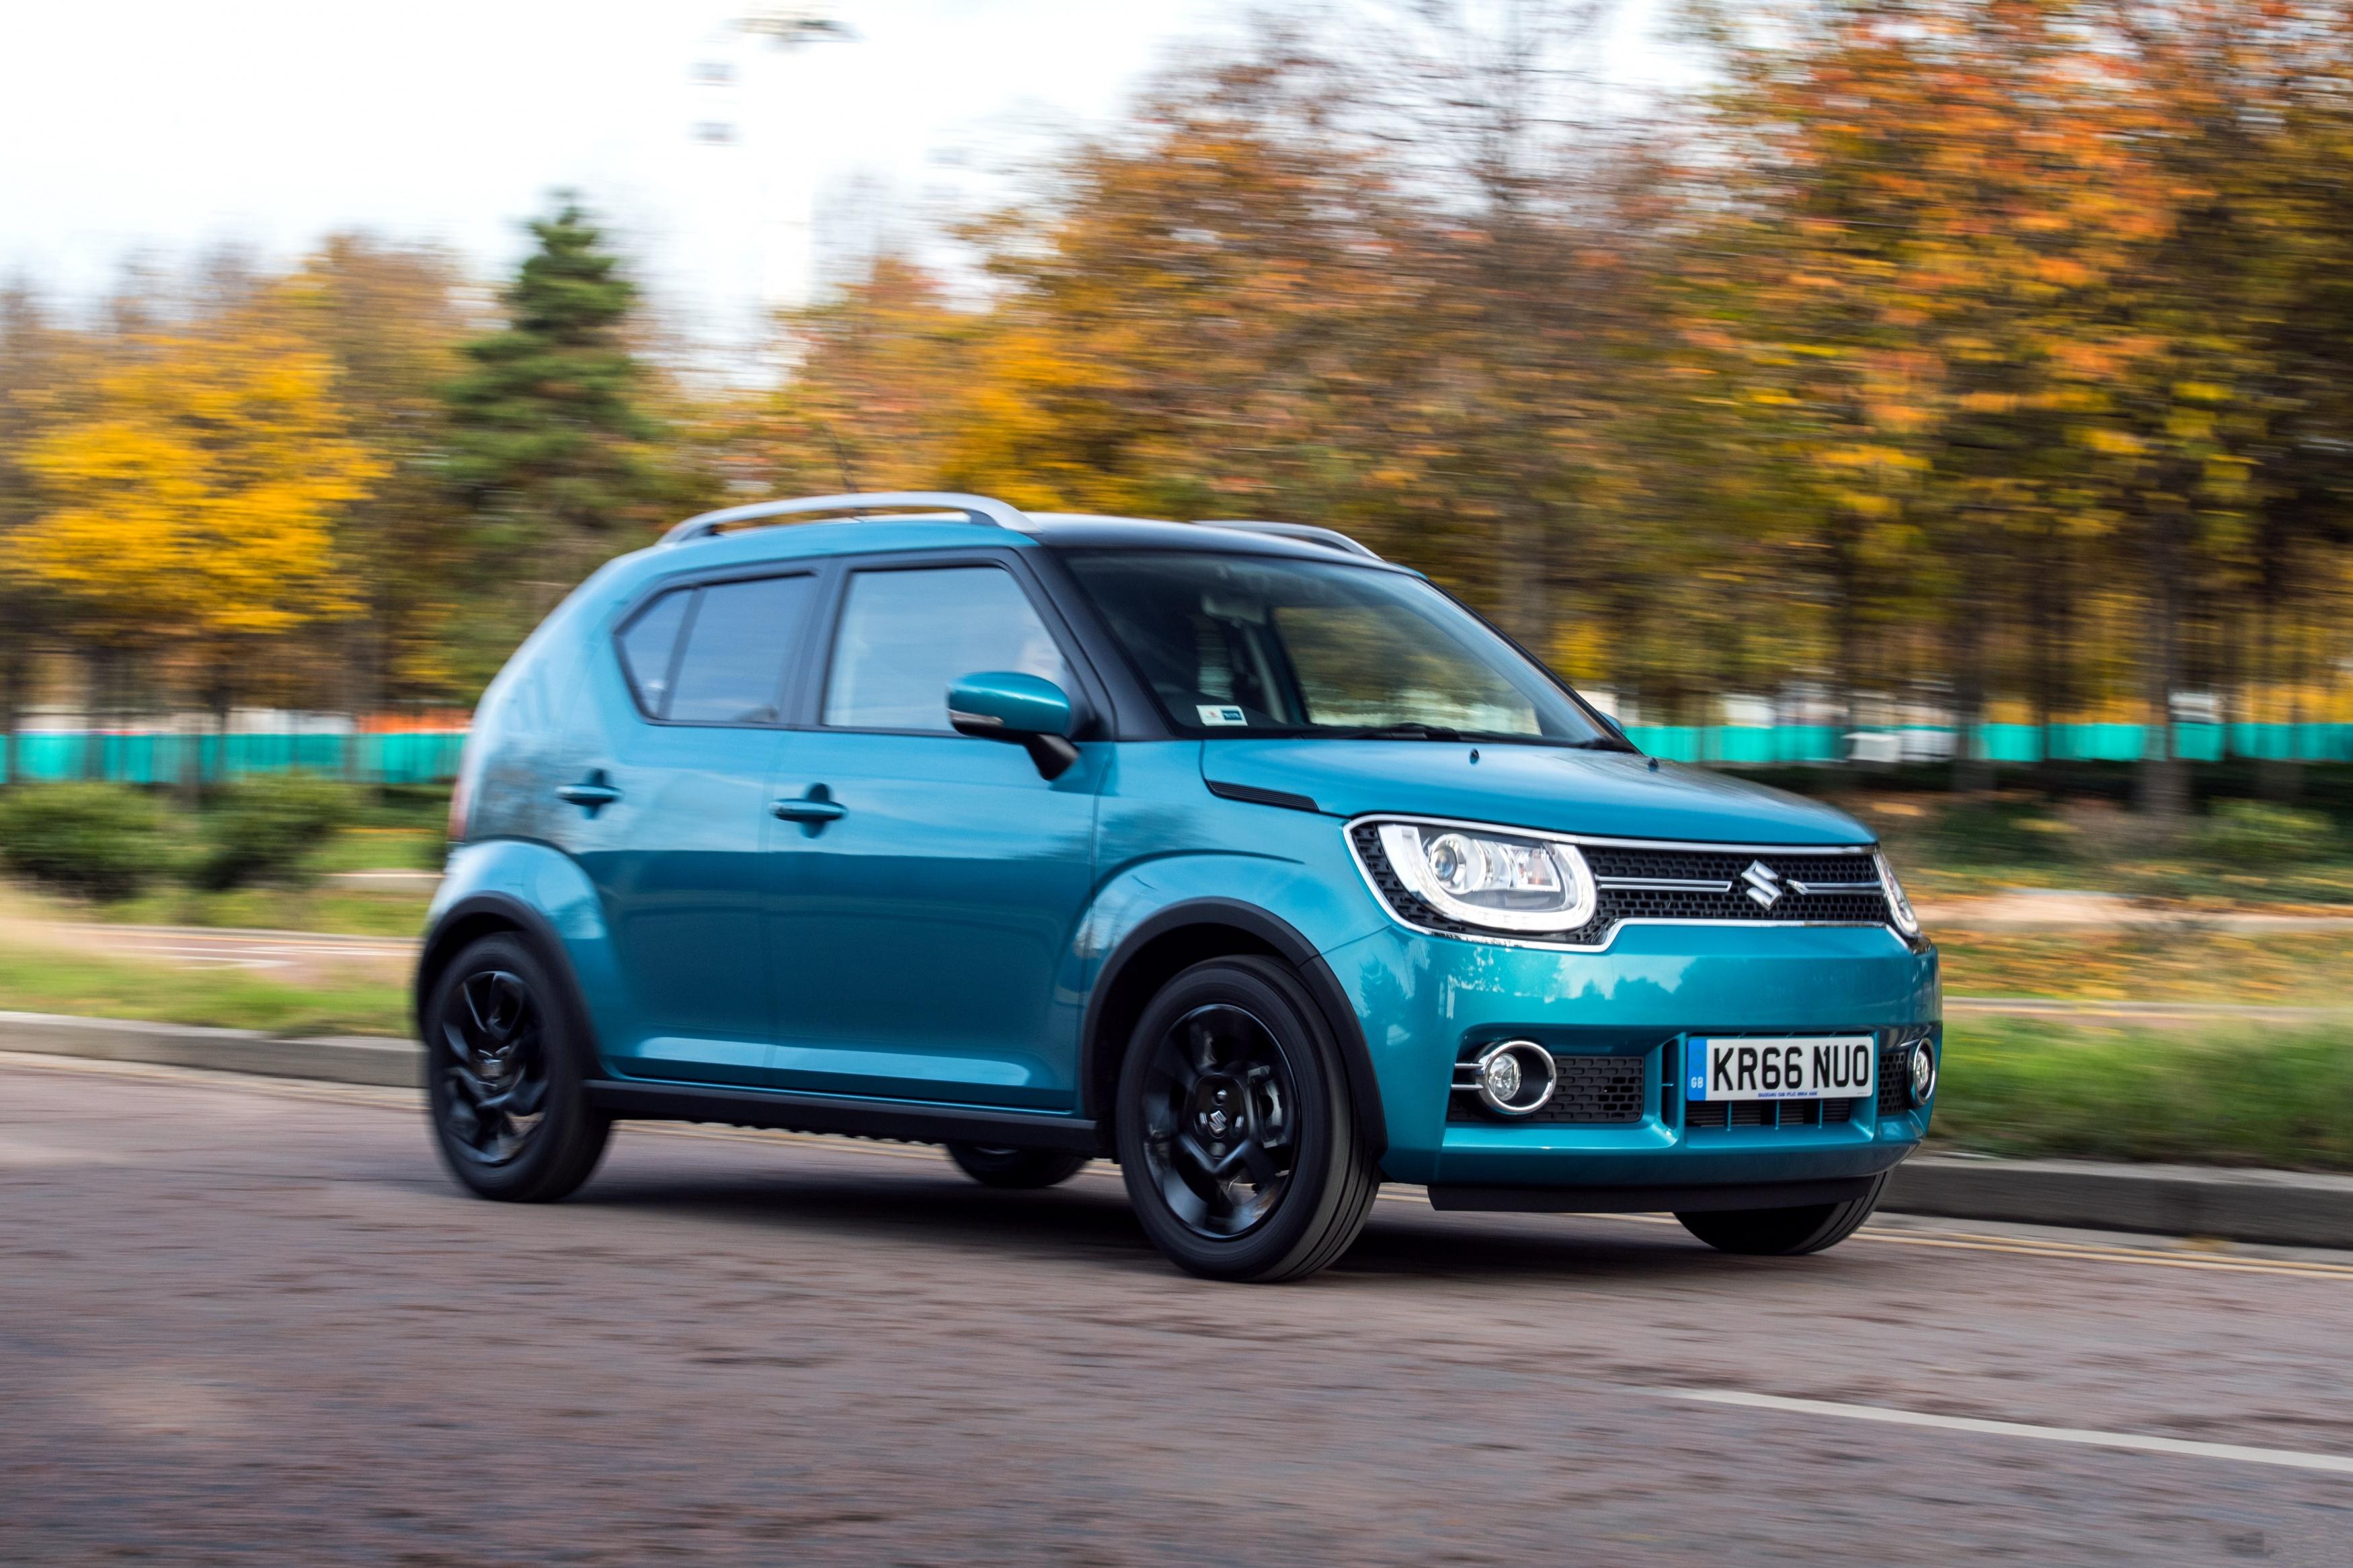 Suzuki Ignis blue driving